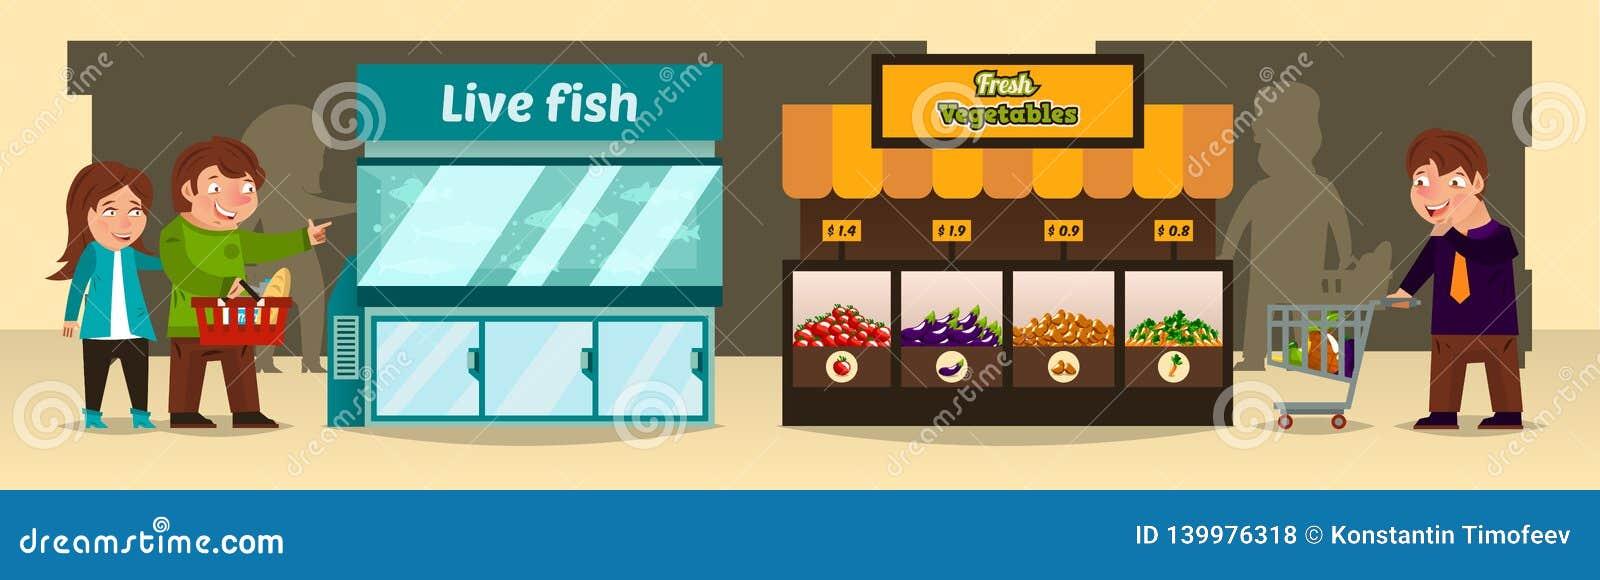 Vektorillustrationen, shoppare gör köp shoppar in Bänk av med nya grönsaker, ett akvarium med den levande fisken,